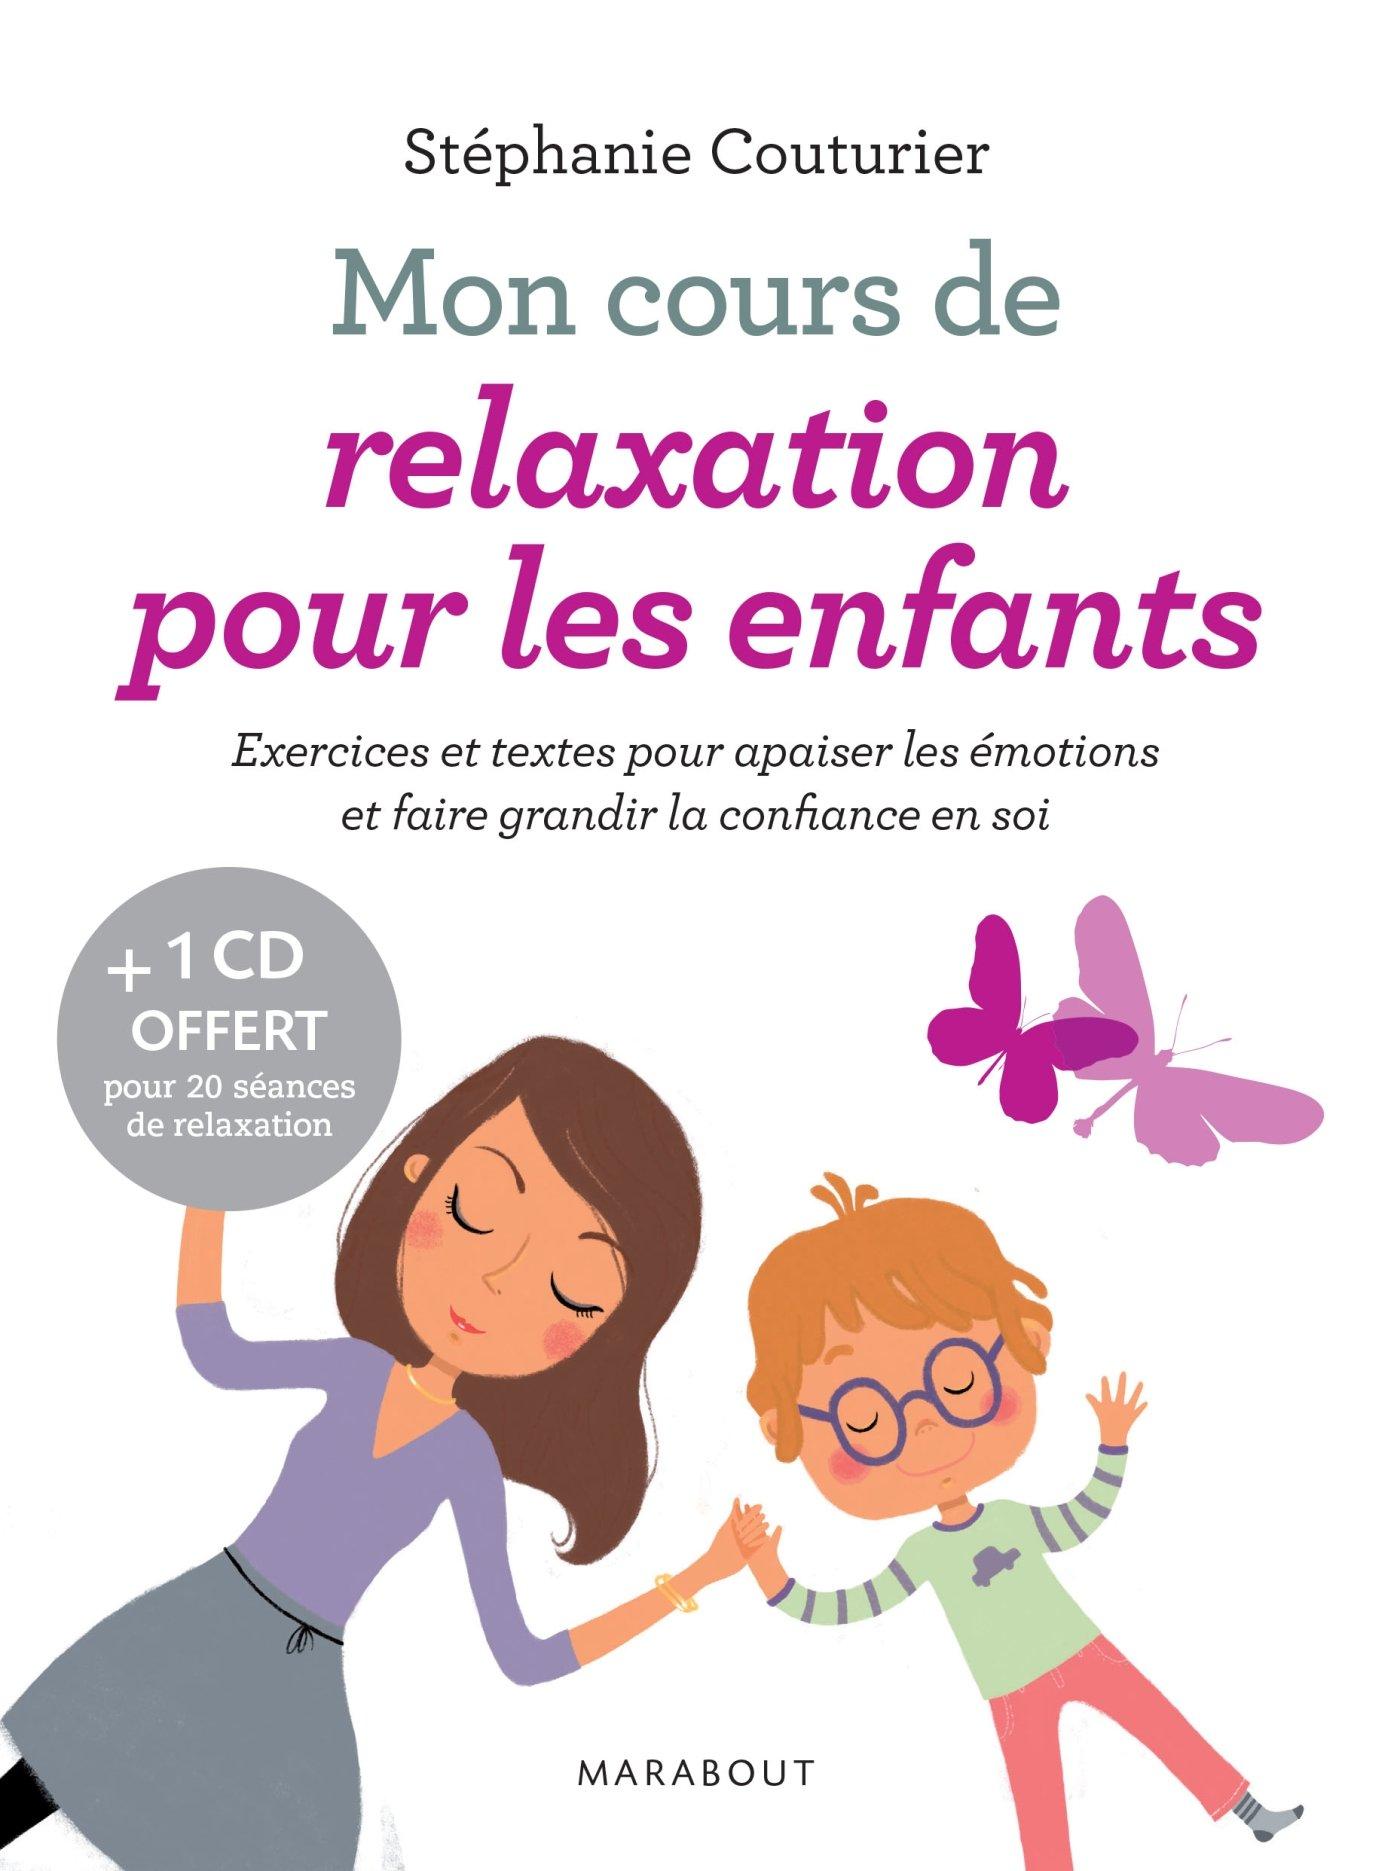 Textes De Relaxation Et De Visualisation Pdf : textes, relaxation, visualisation, Texte, Relaxation, Faire, Grandir, Confiance, L'estime, Enfants